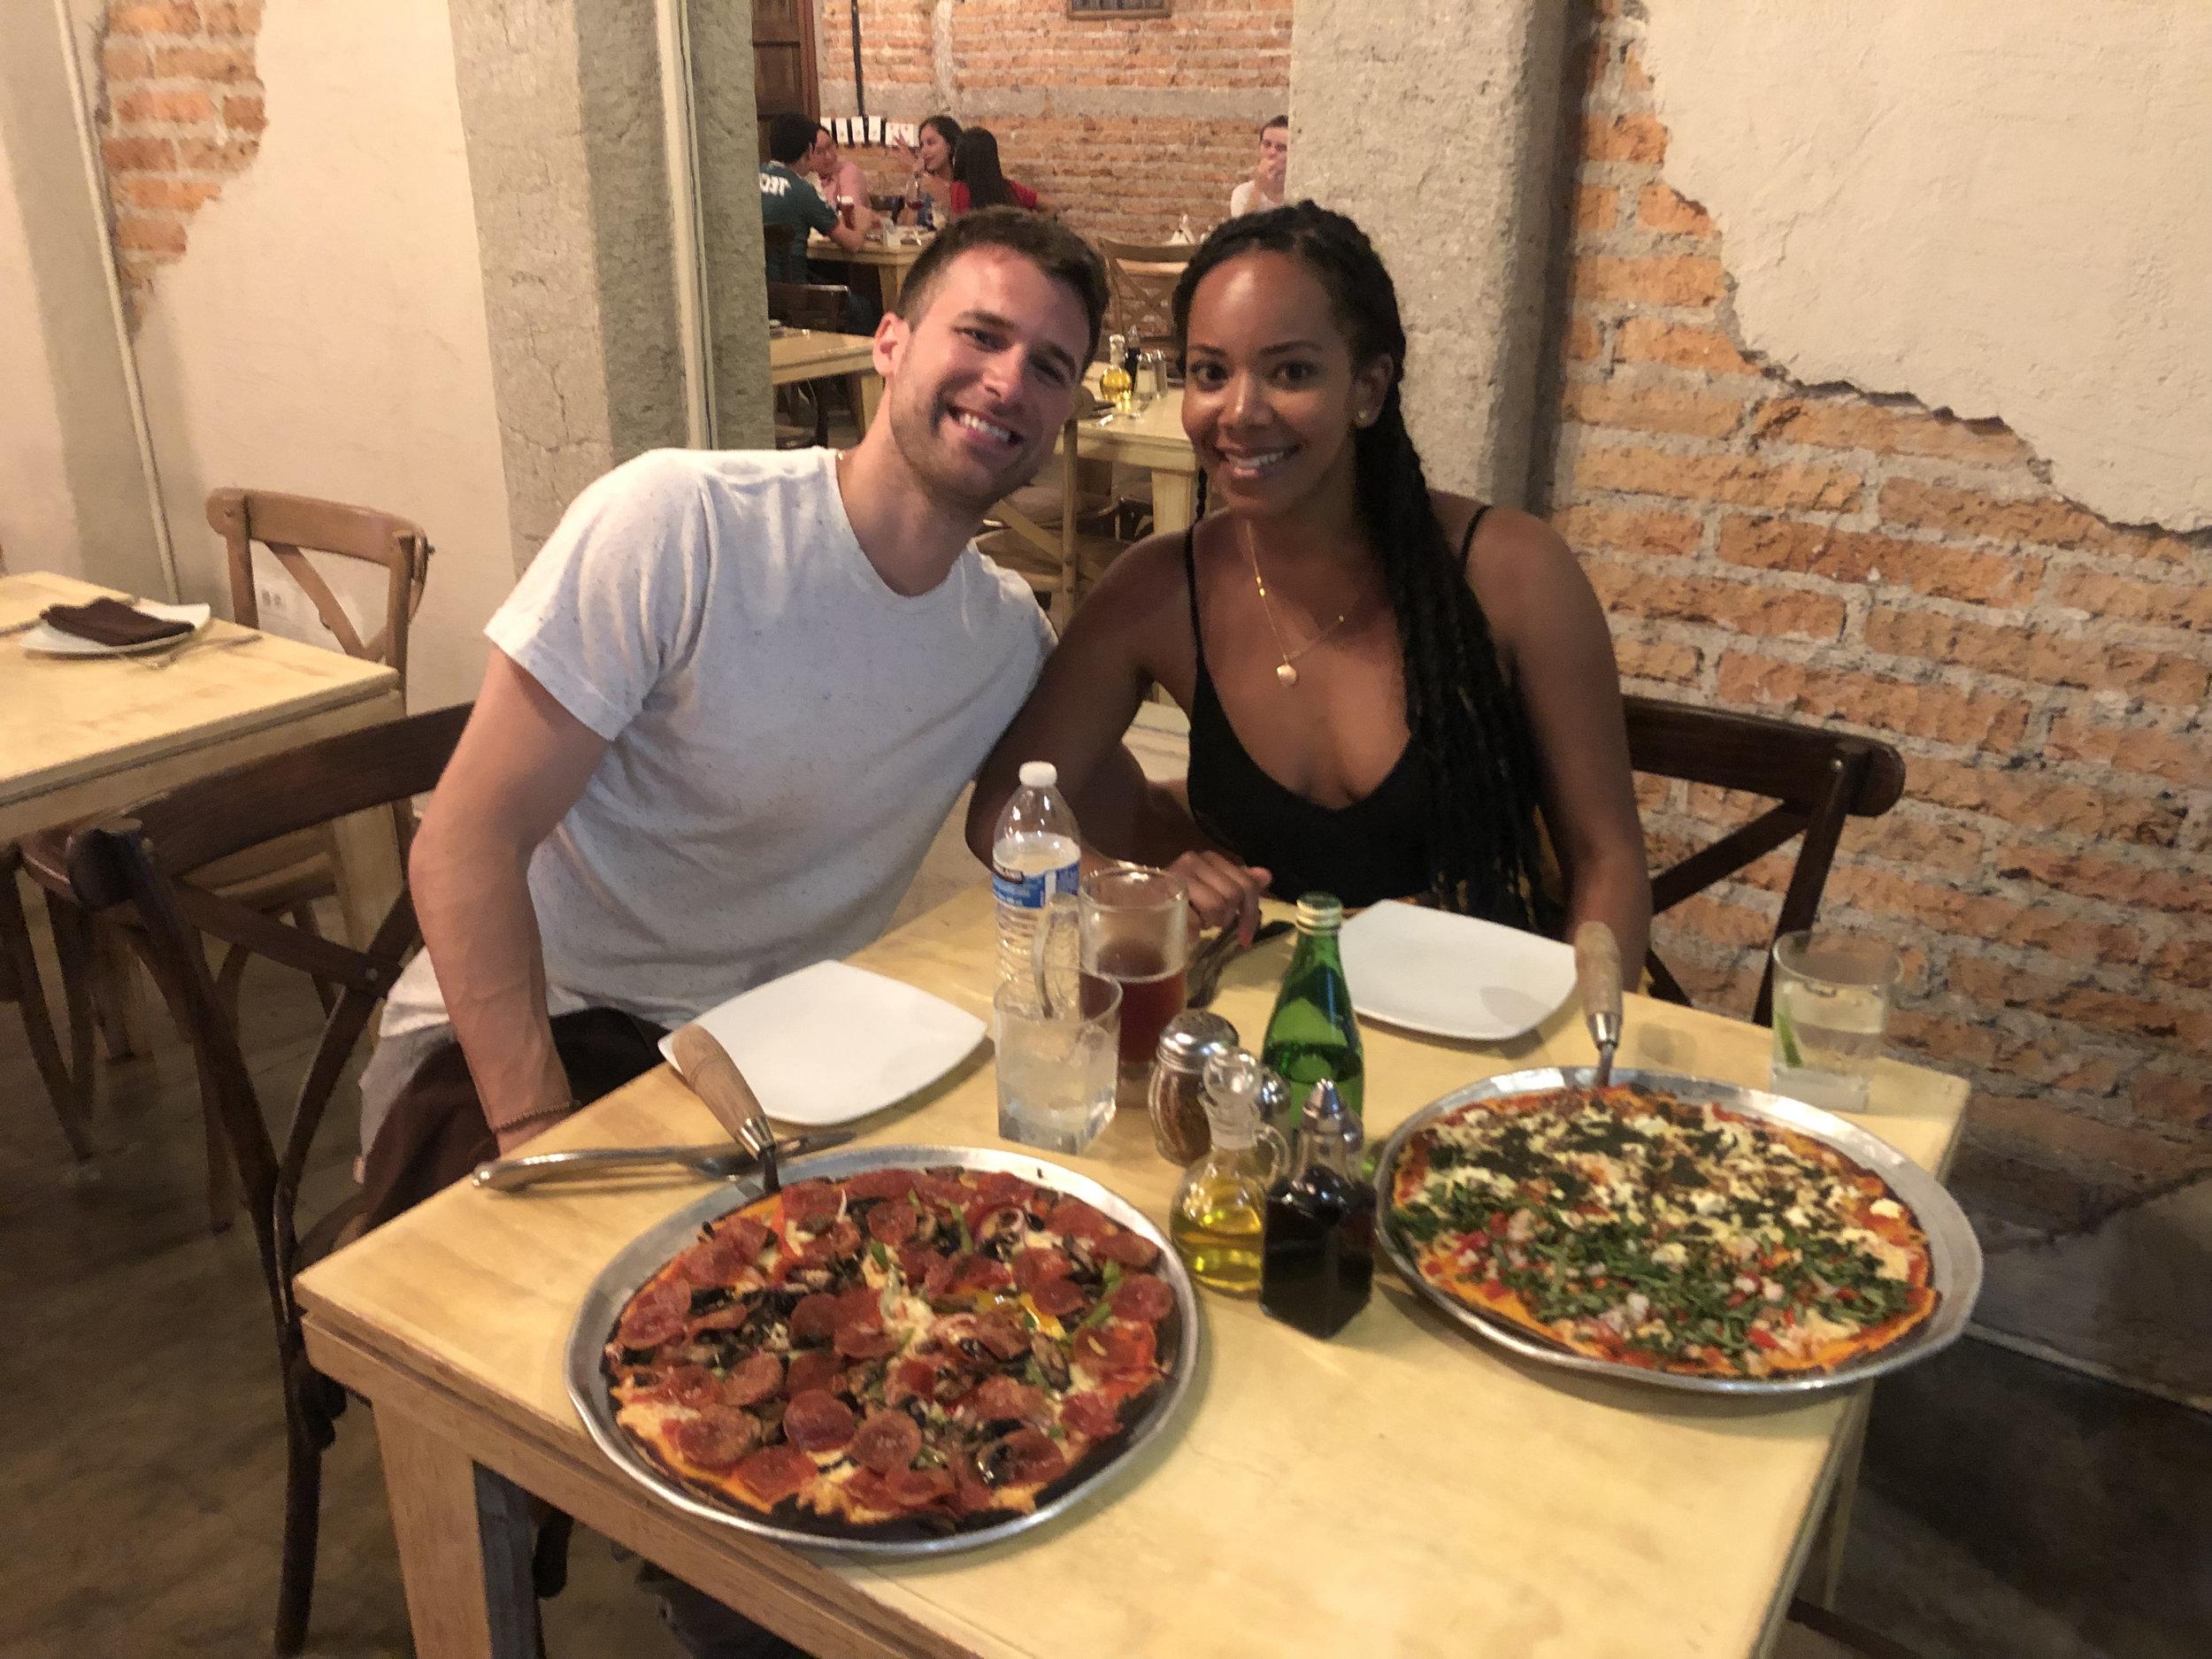 Photo: My Boyfriend and I at Basilio